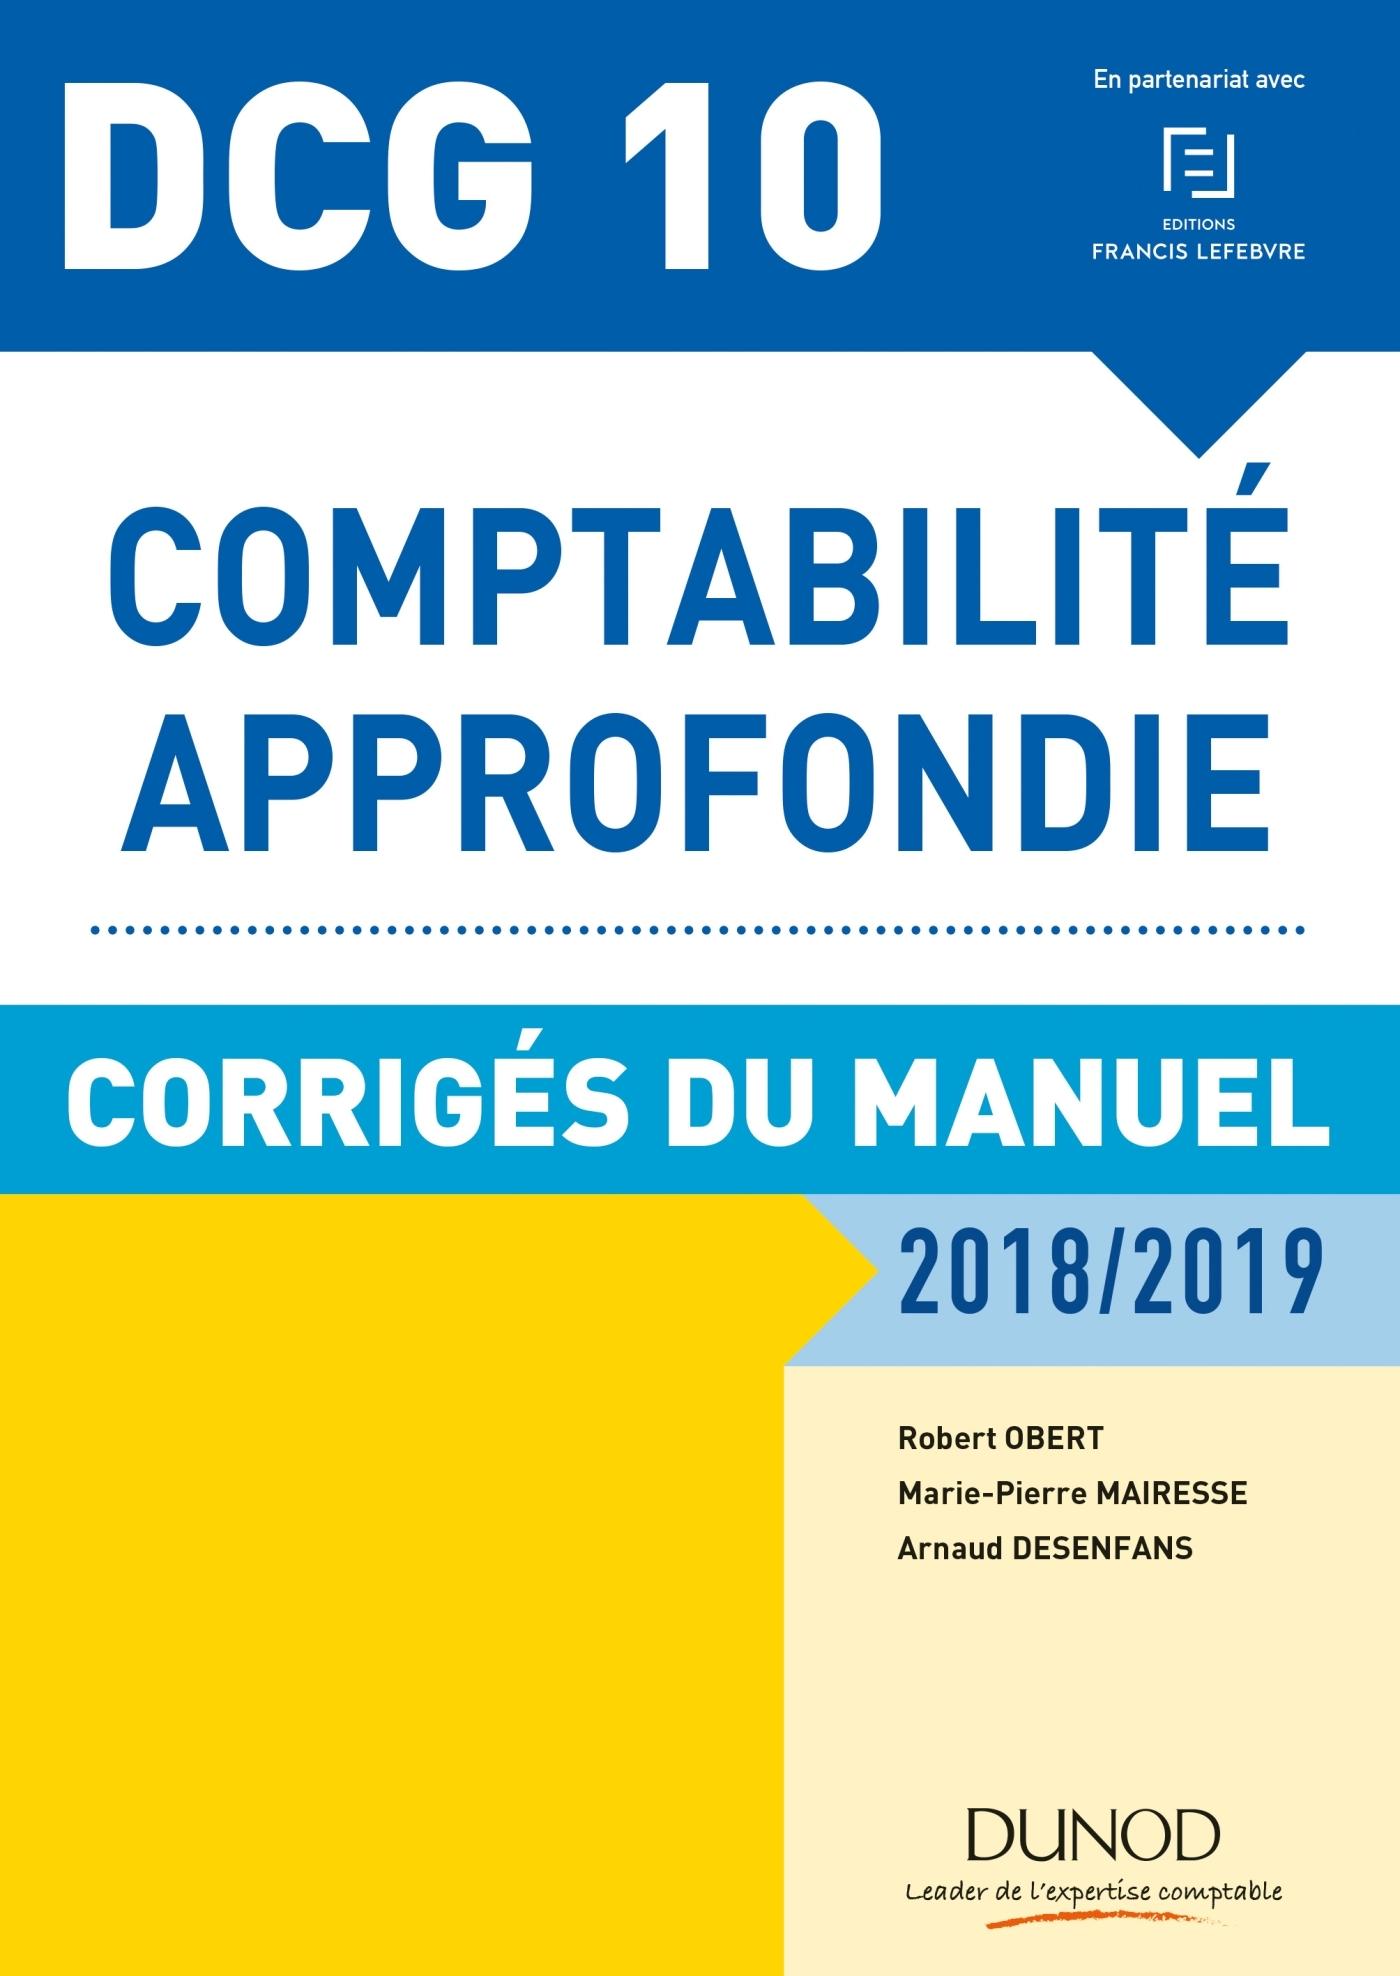 DCG 10 - COMPTABILITE APPROFONDIE 2018/2019 -  CORRIGES DU MANUEL